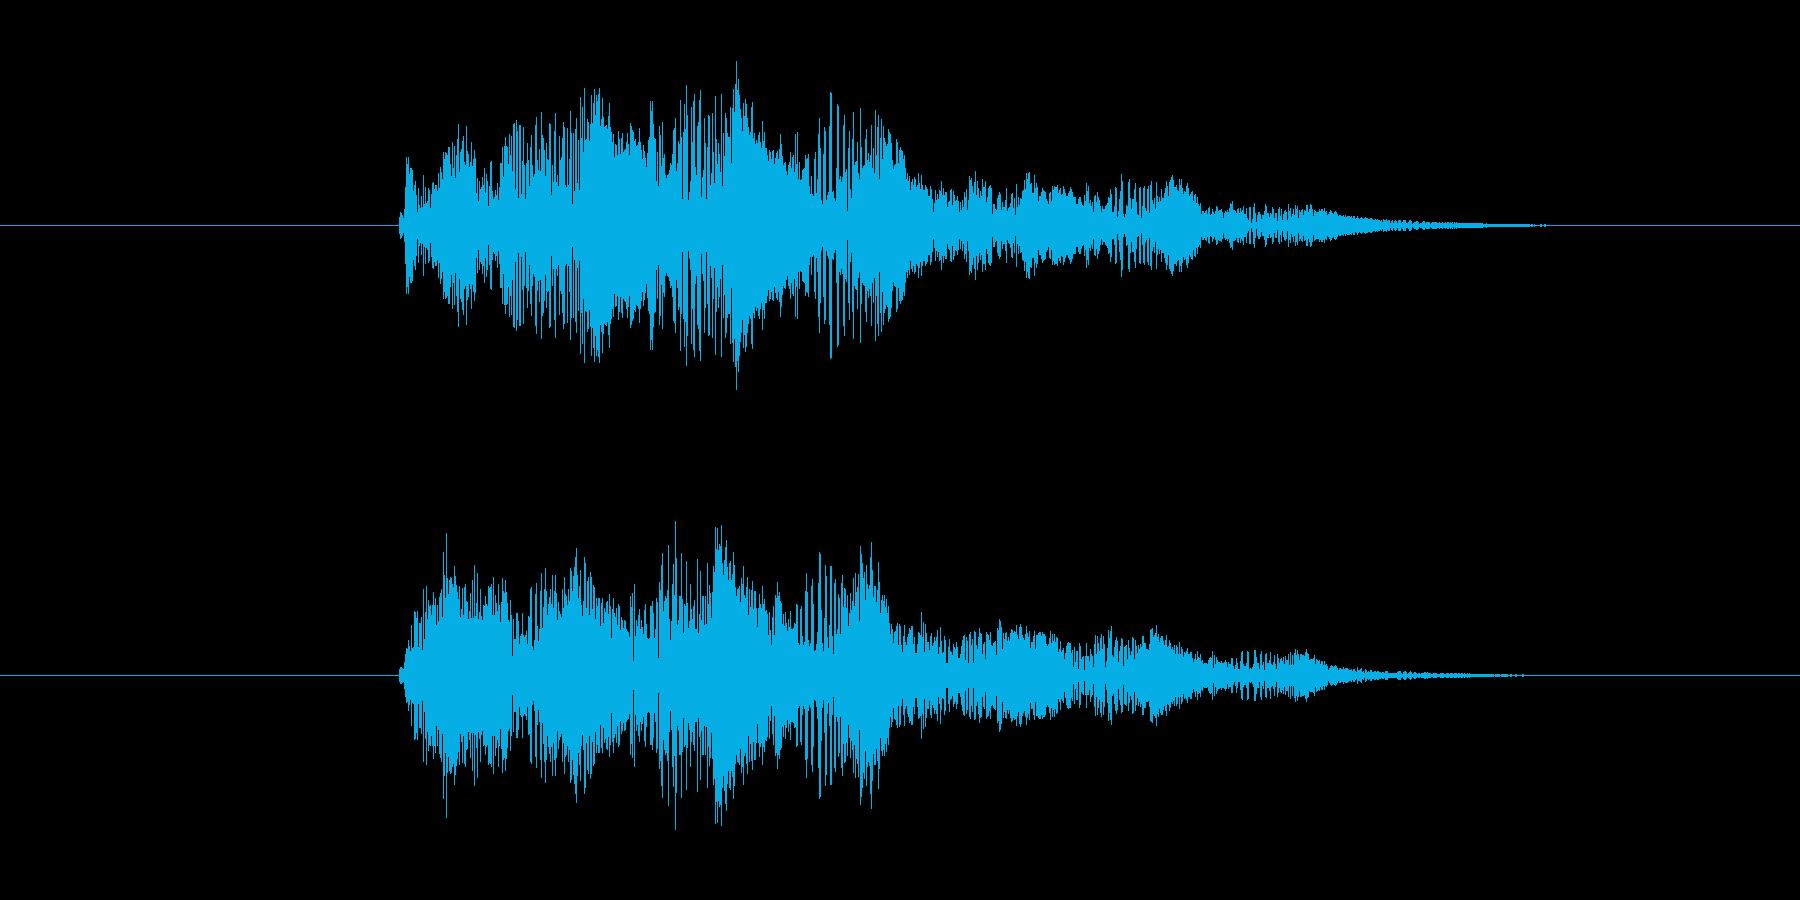 スライム系の攻撃音の再生済みの波形